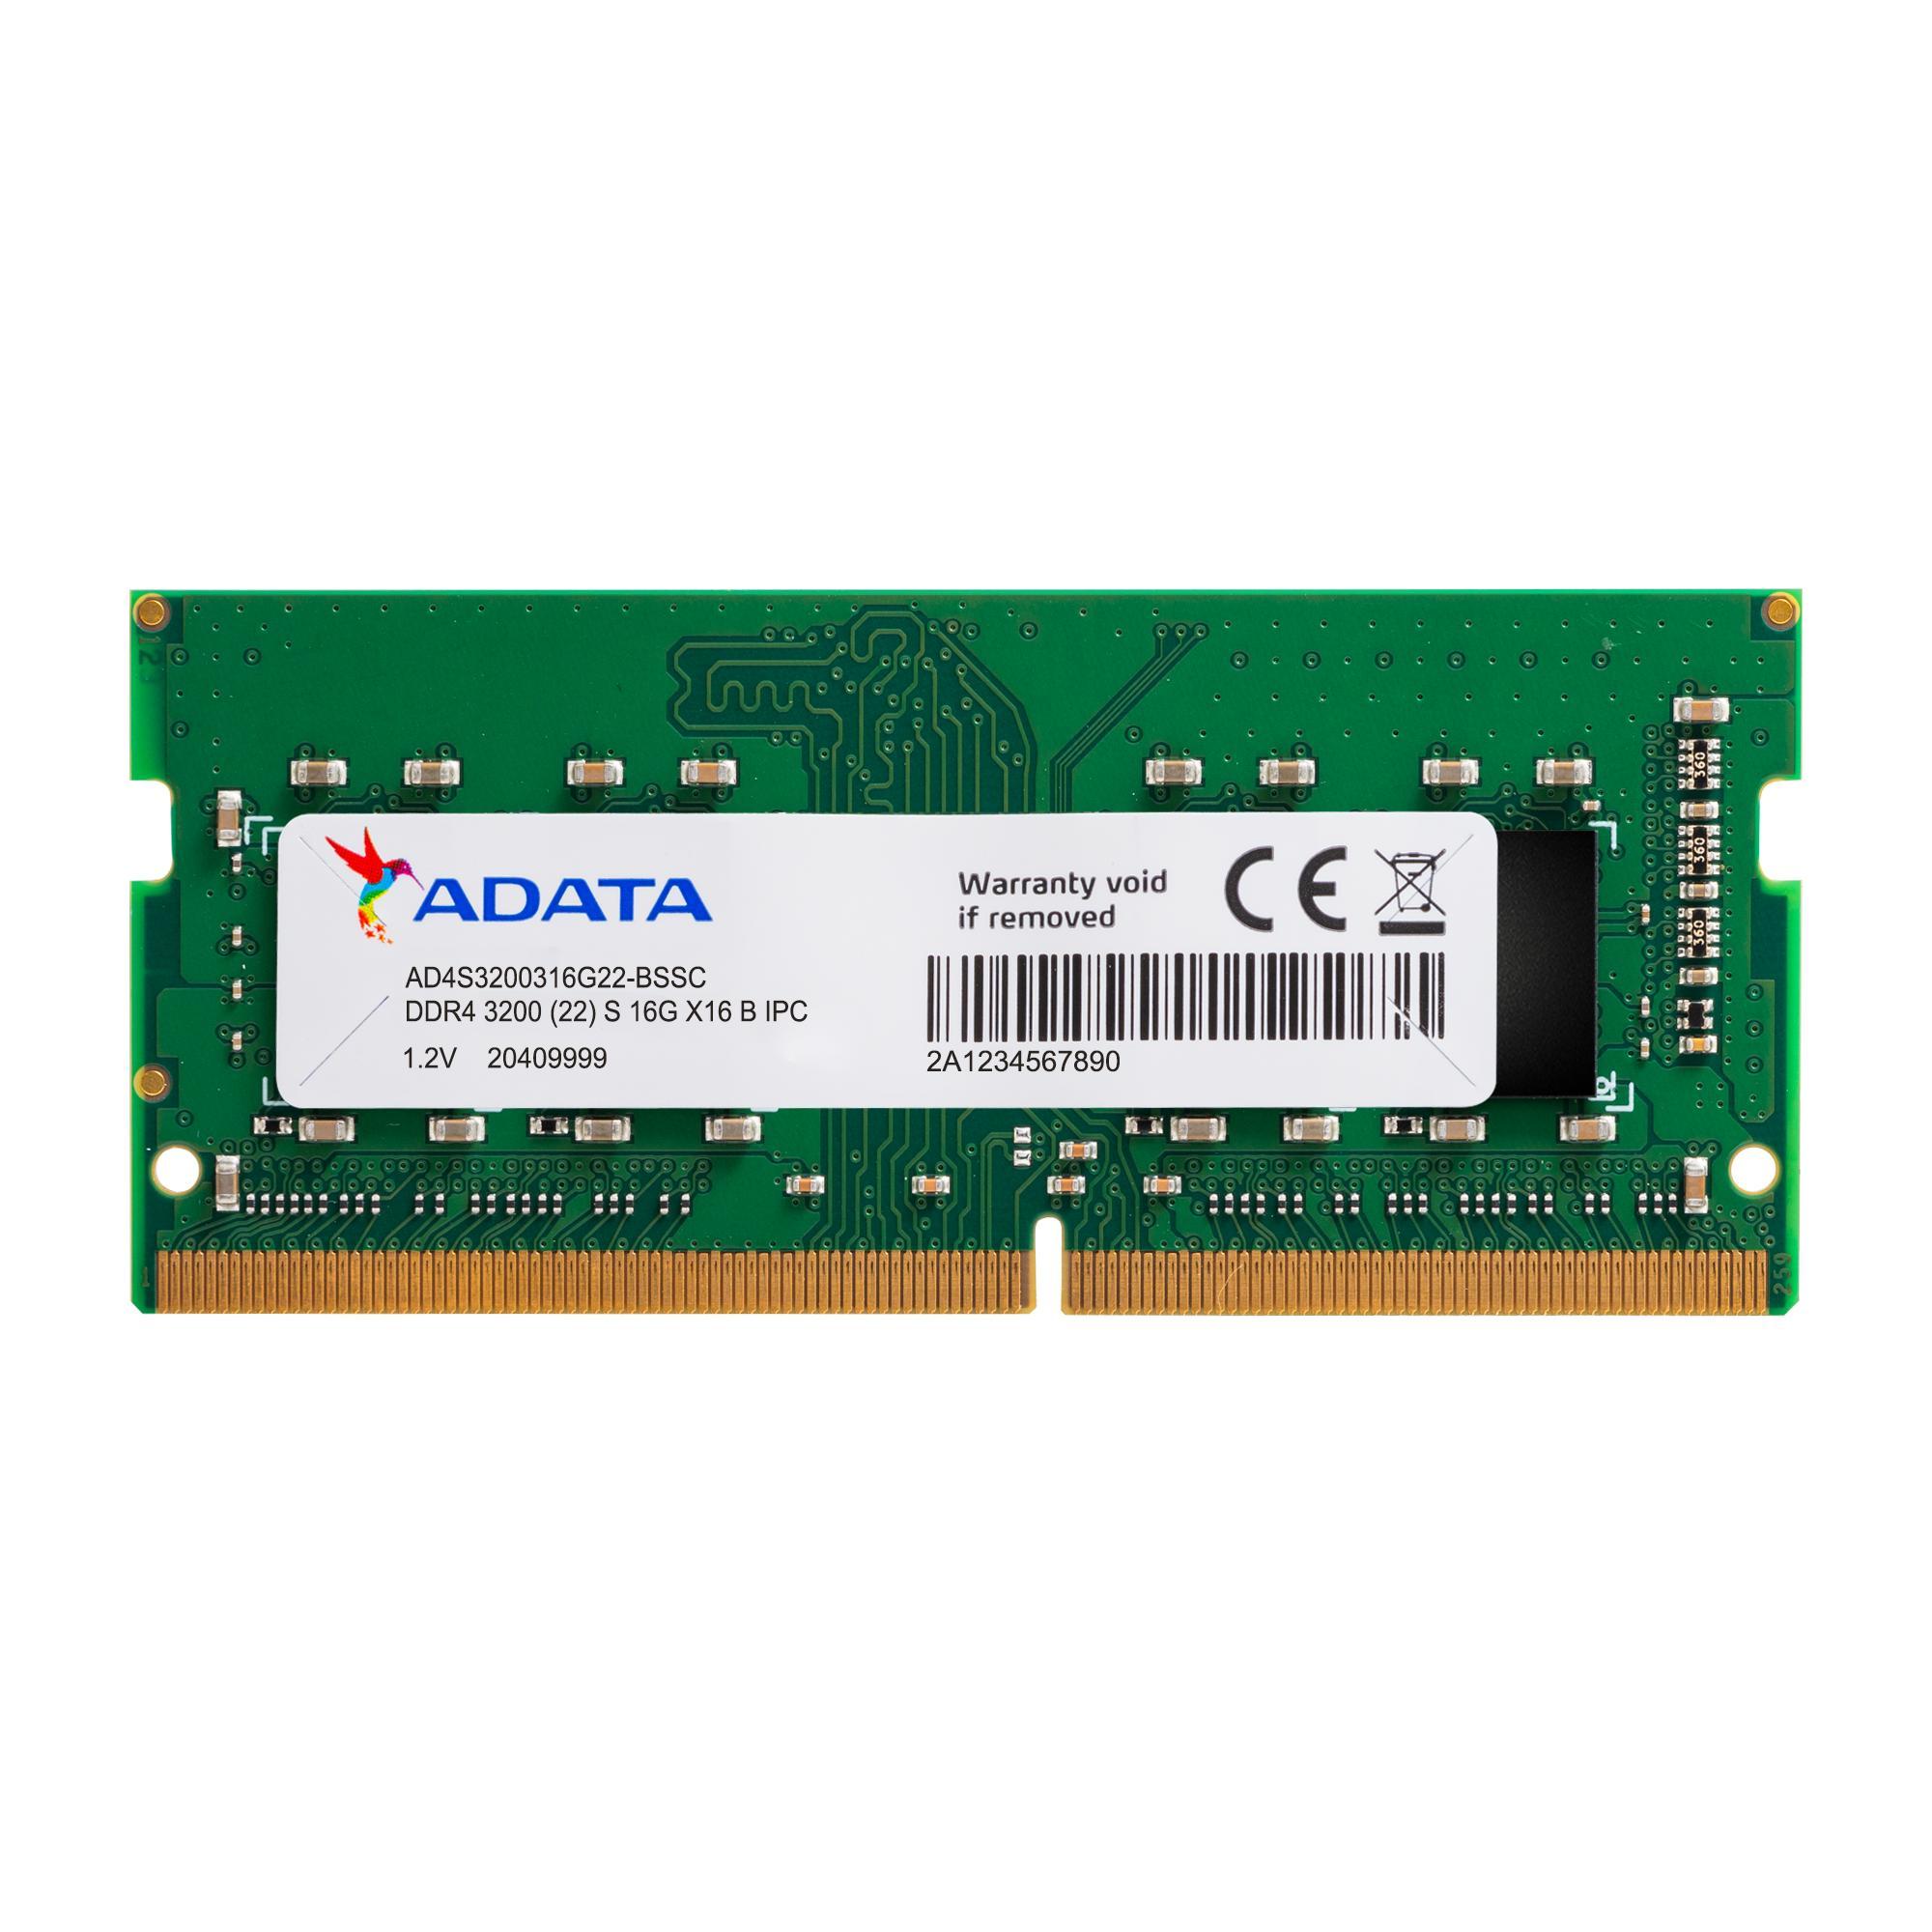 AD4S3200